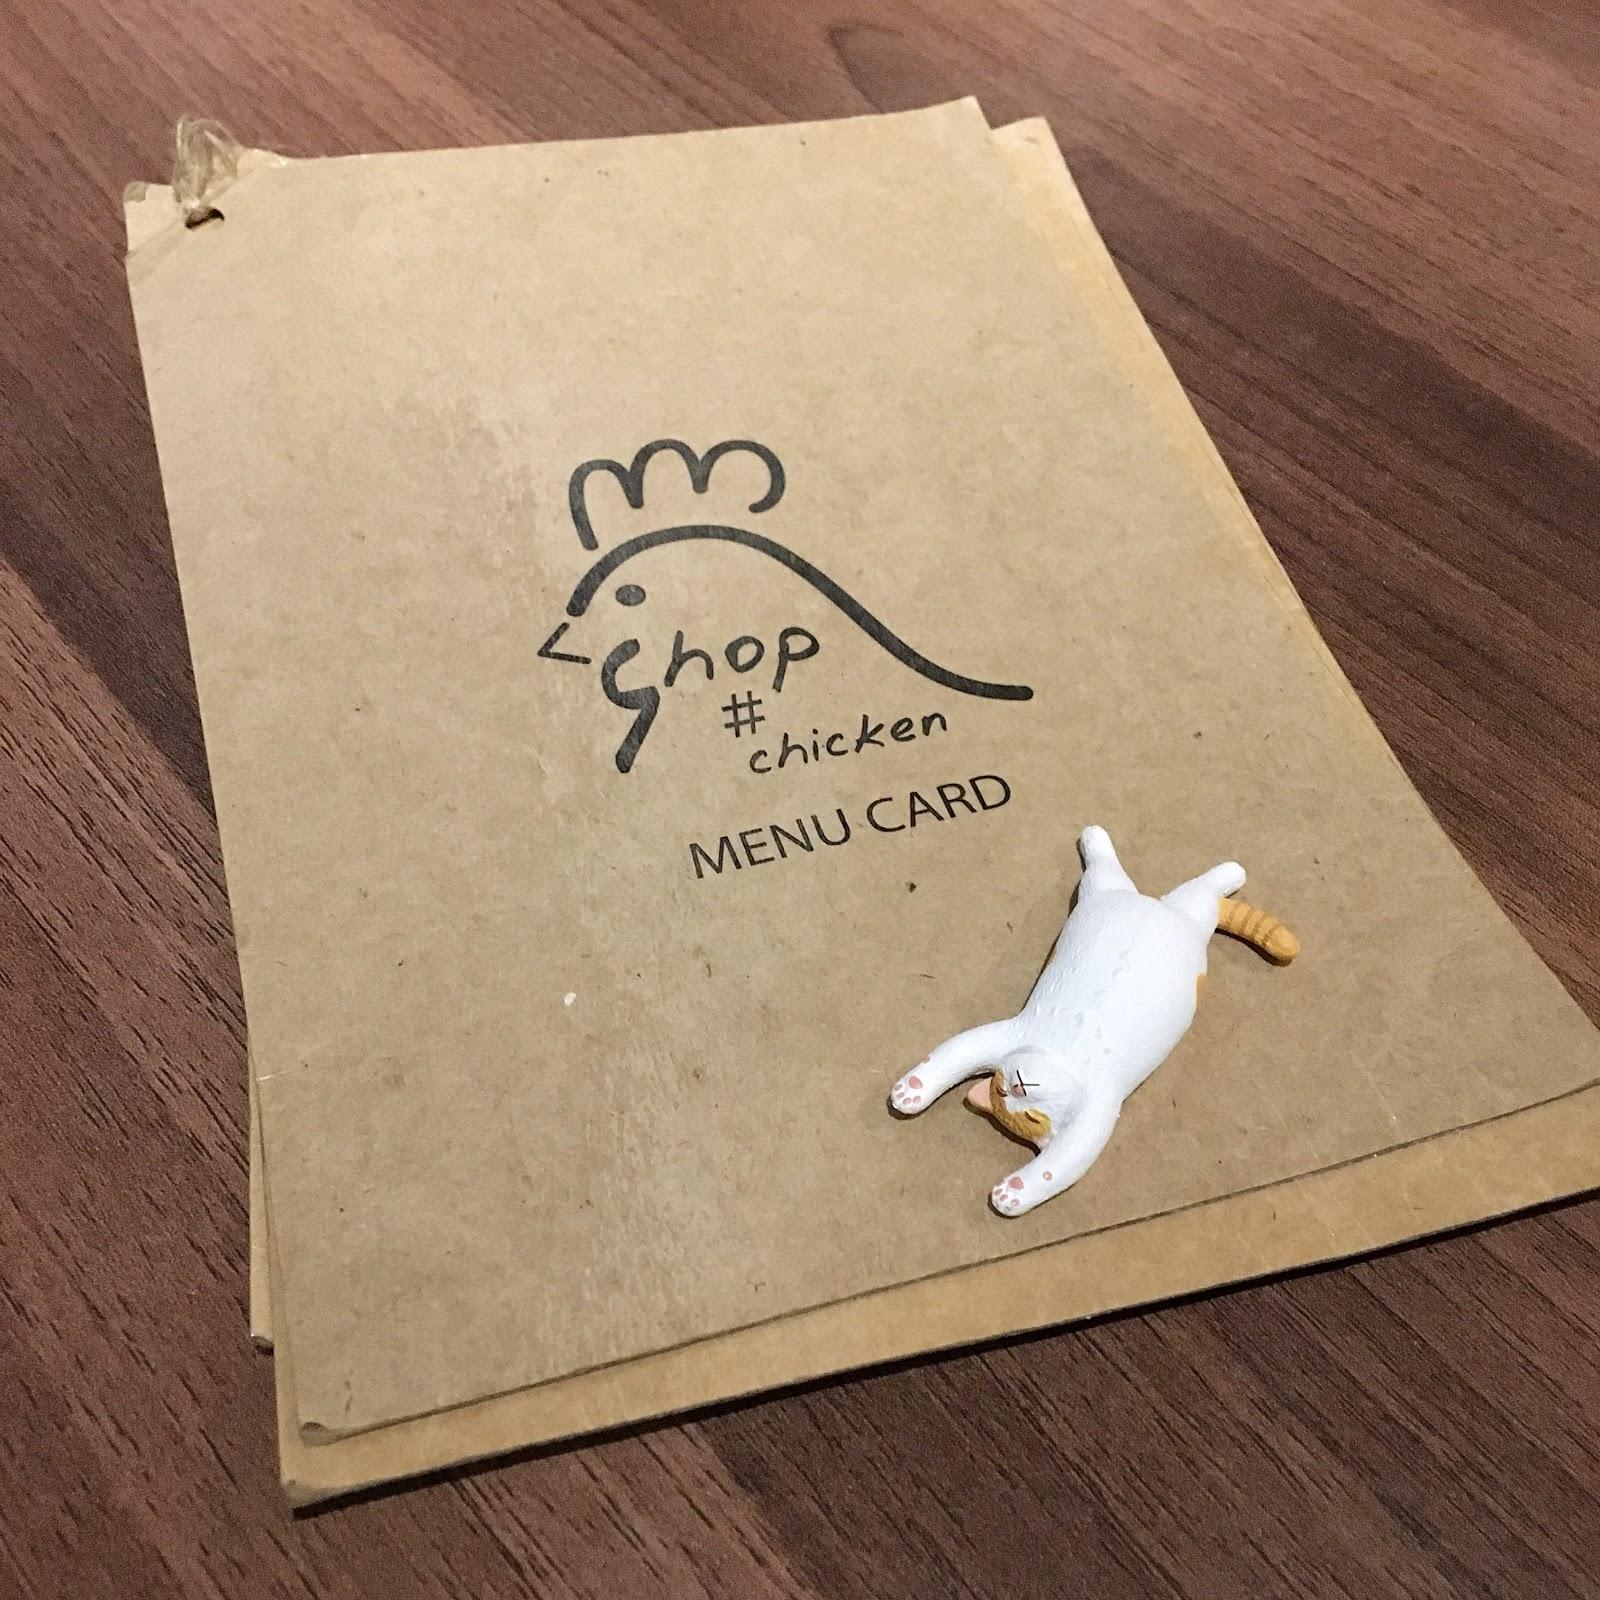 韓國炸雞專賣店Chicken shop菜單1